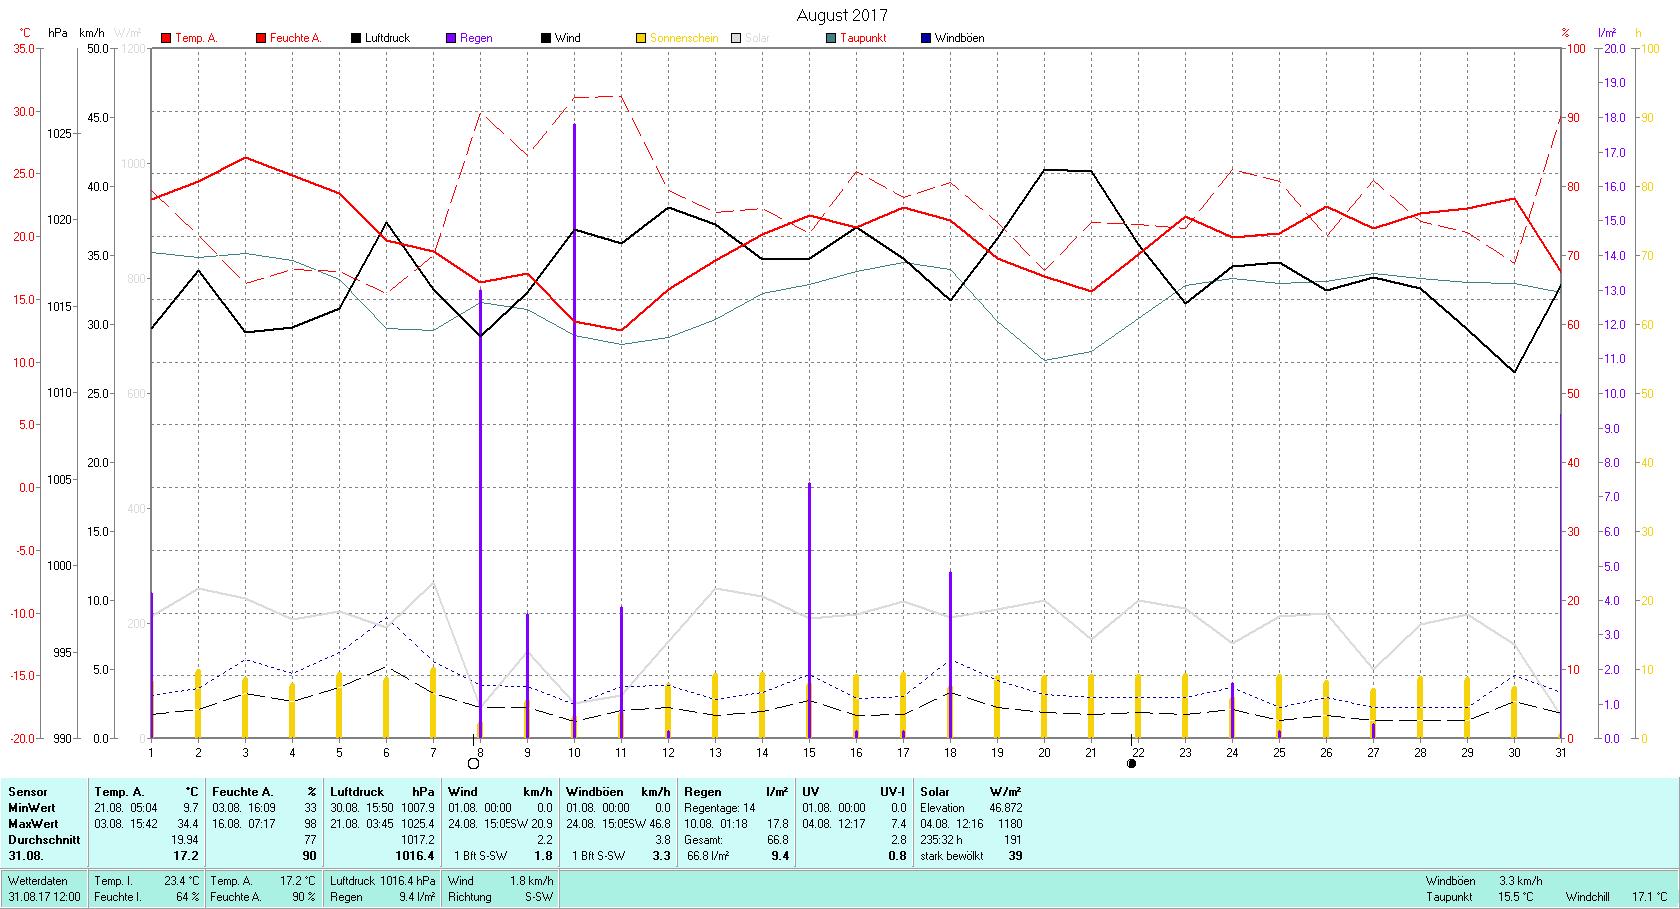 August 2017 Tmin 9.7°C, Tmax 34.4°C, Sonne 235:32 h, Niederschlag 66.8mm/2